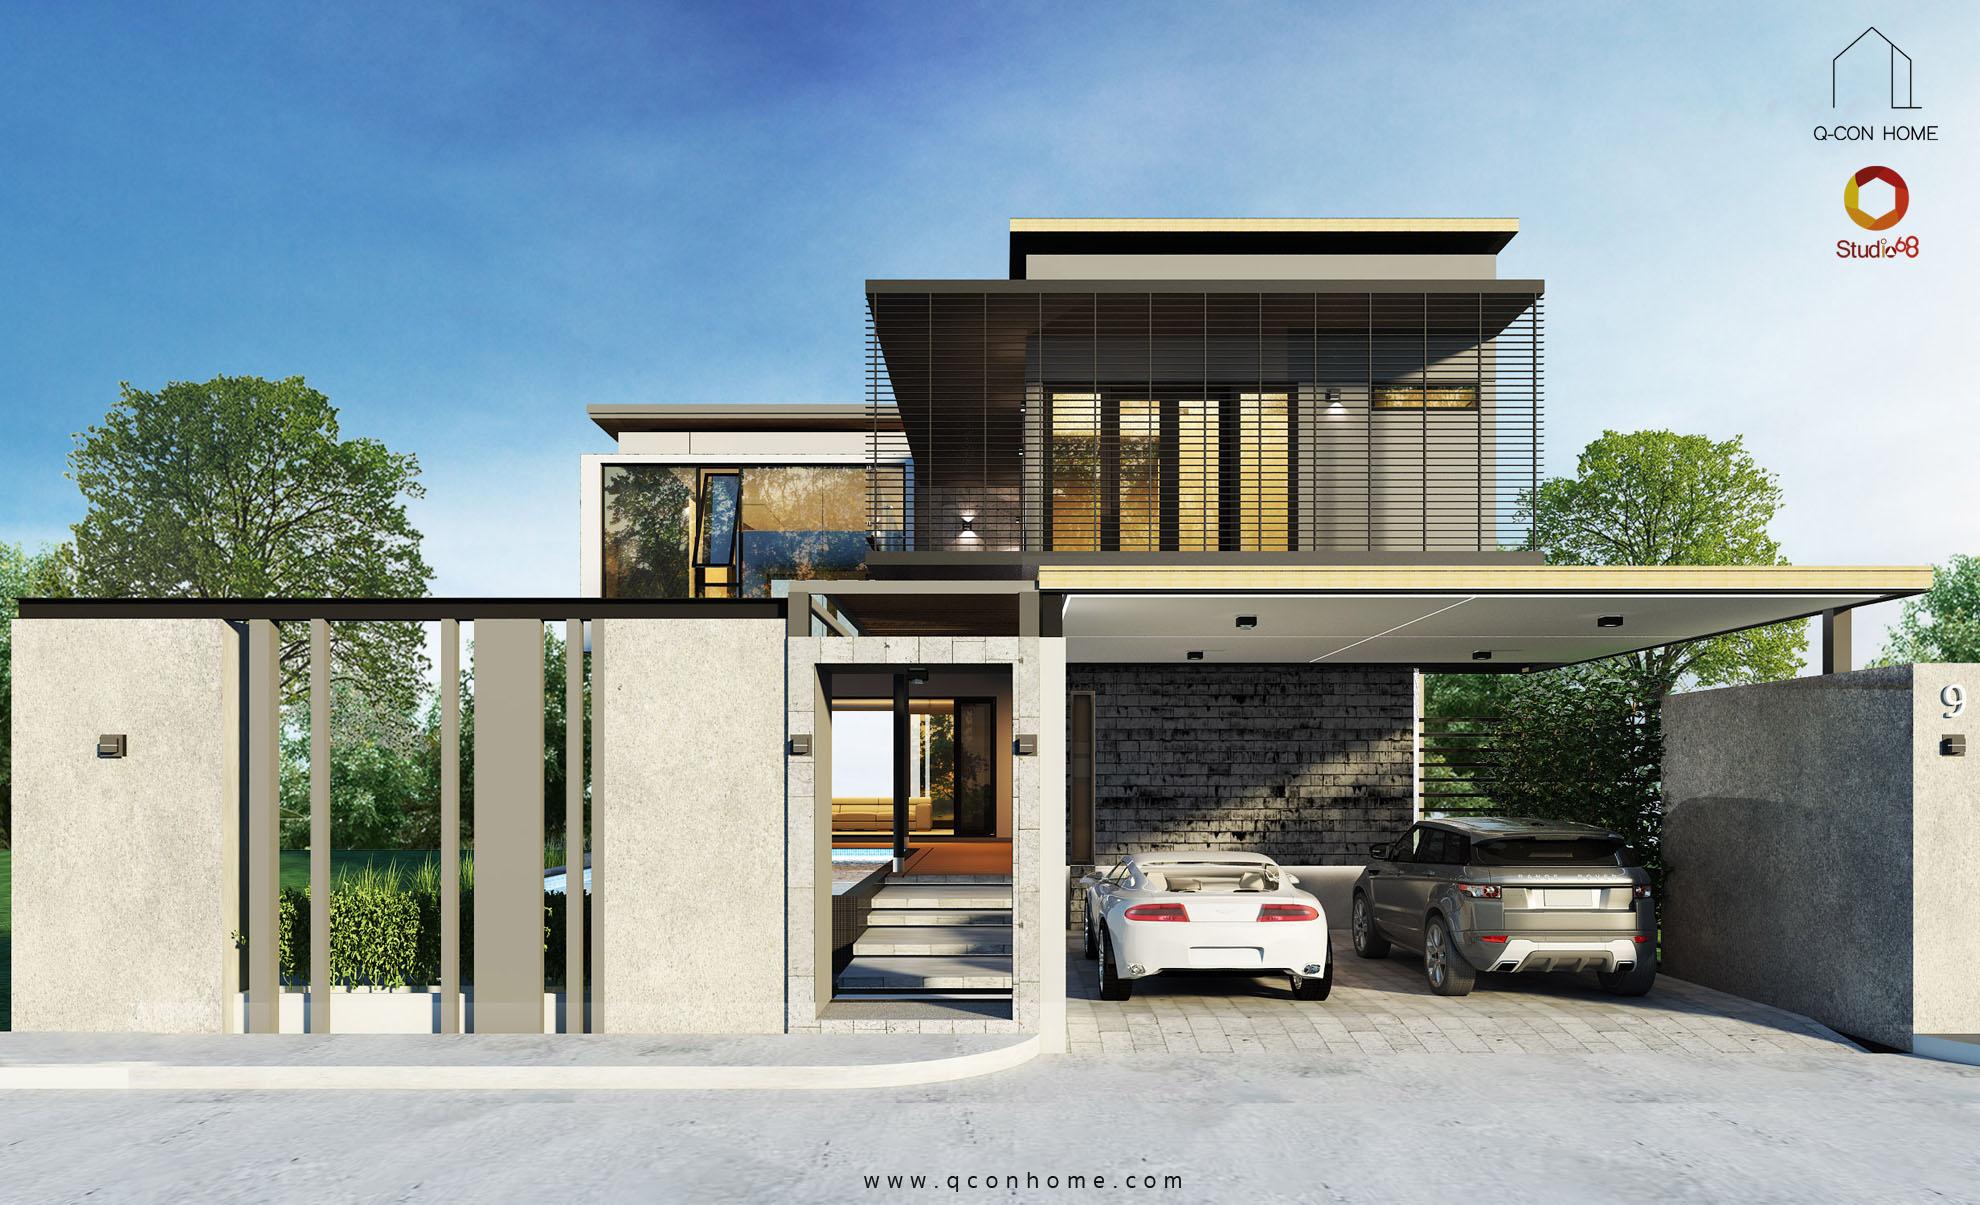 บริษัทรับสร้างบ้าน หัวหิน ออกแบบบ้าน รับสร้างบ้าน สร้างบ้านดี แบบบ้านสวย